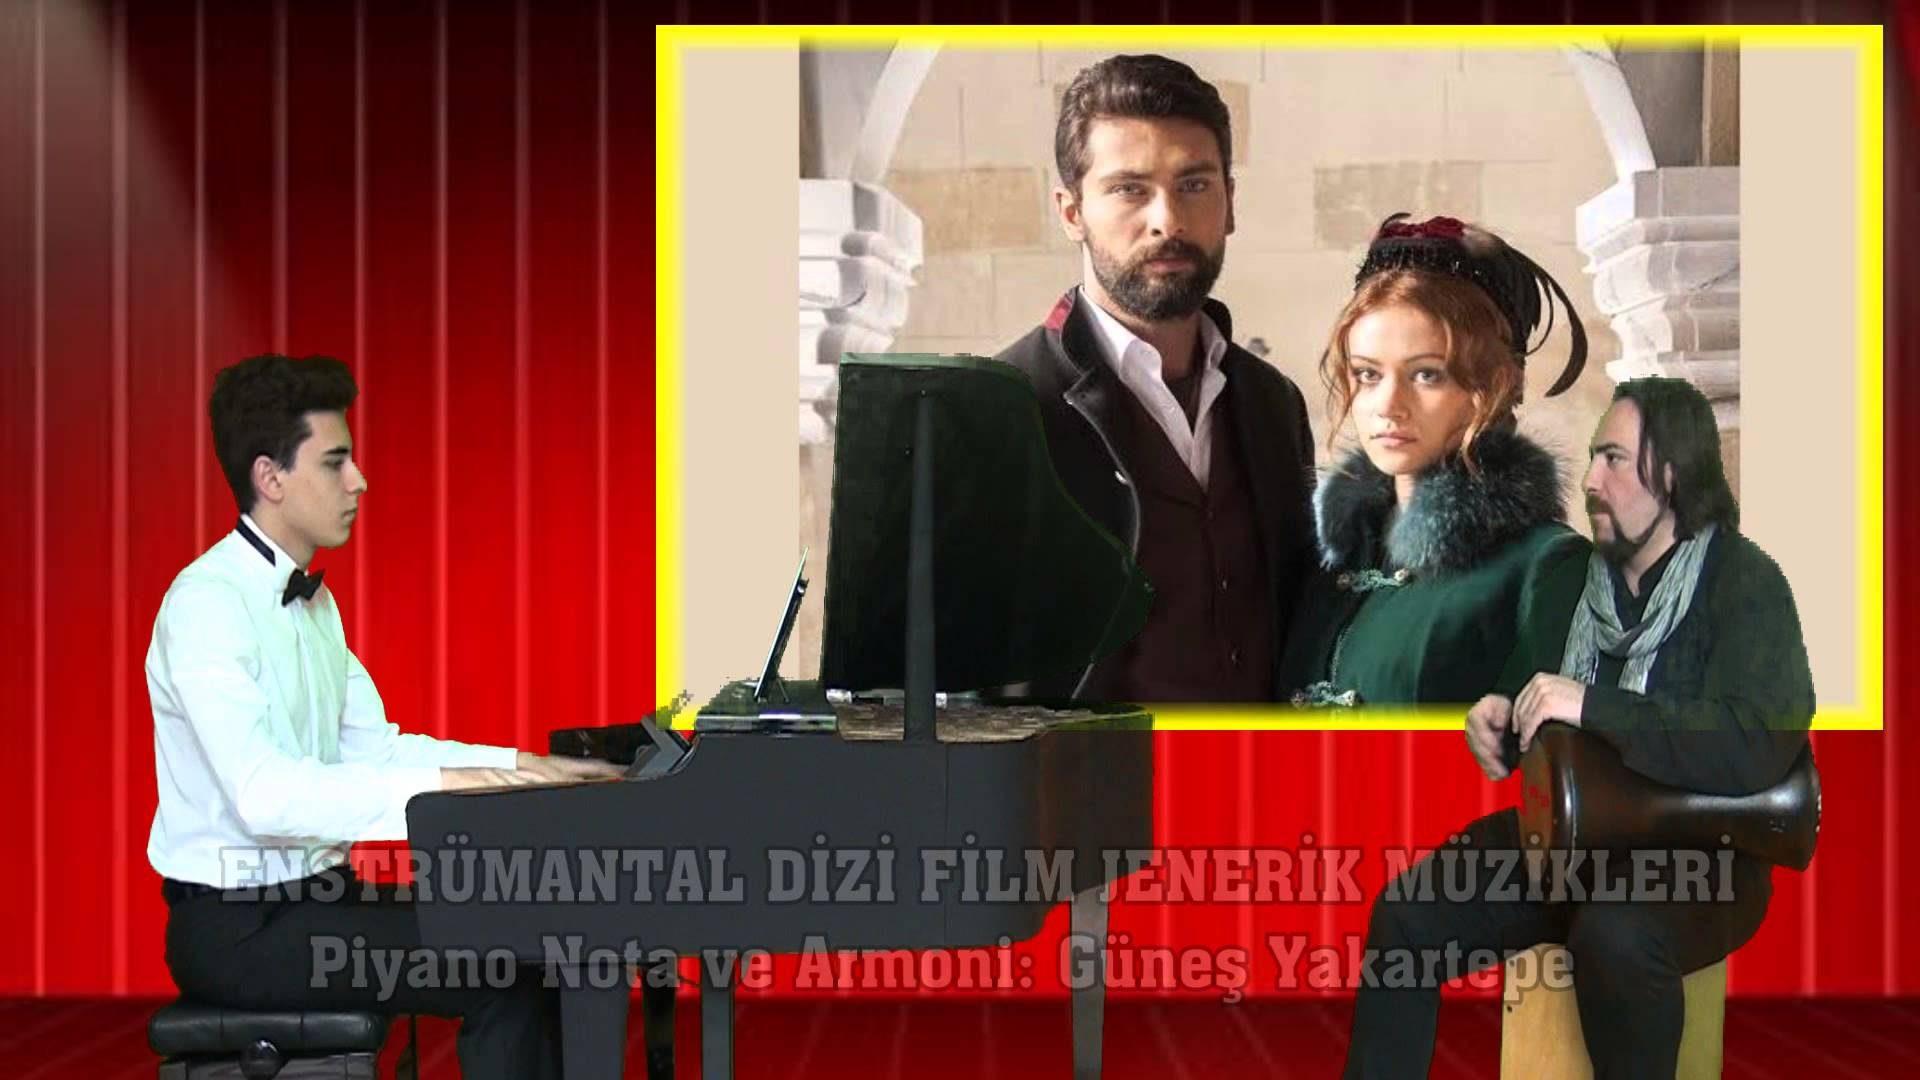 Filinta Mustafa Jenerik Müzik (Dizi Filmleri Teması Müzikleri) Piyano Ve Darbuka Perküsyon Düeti